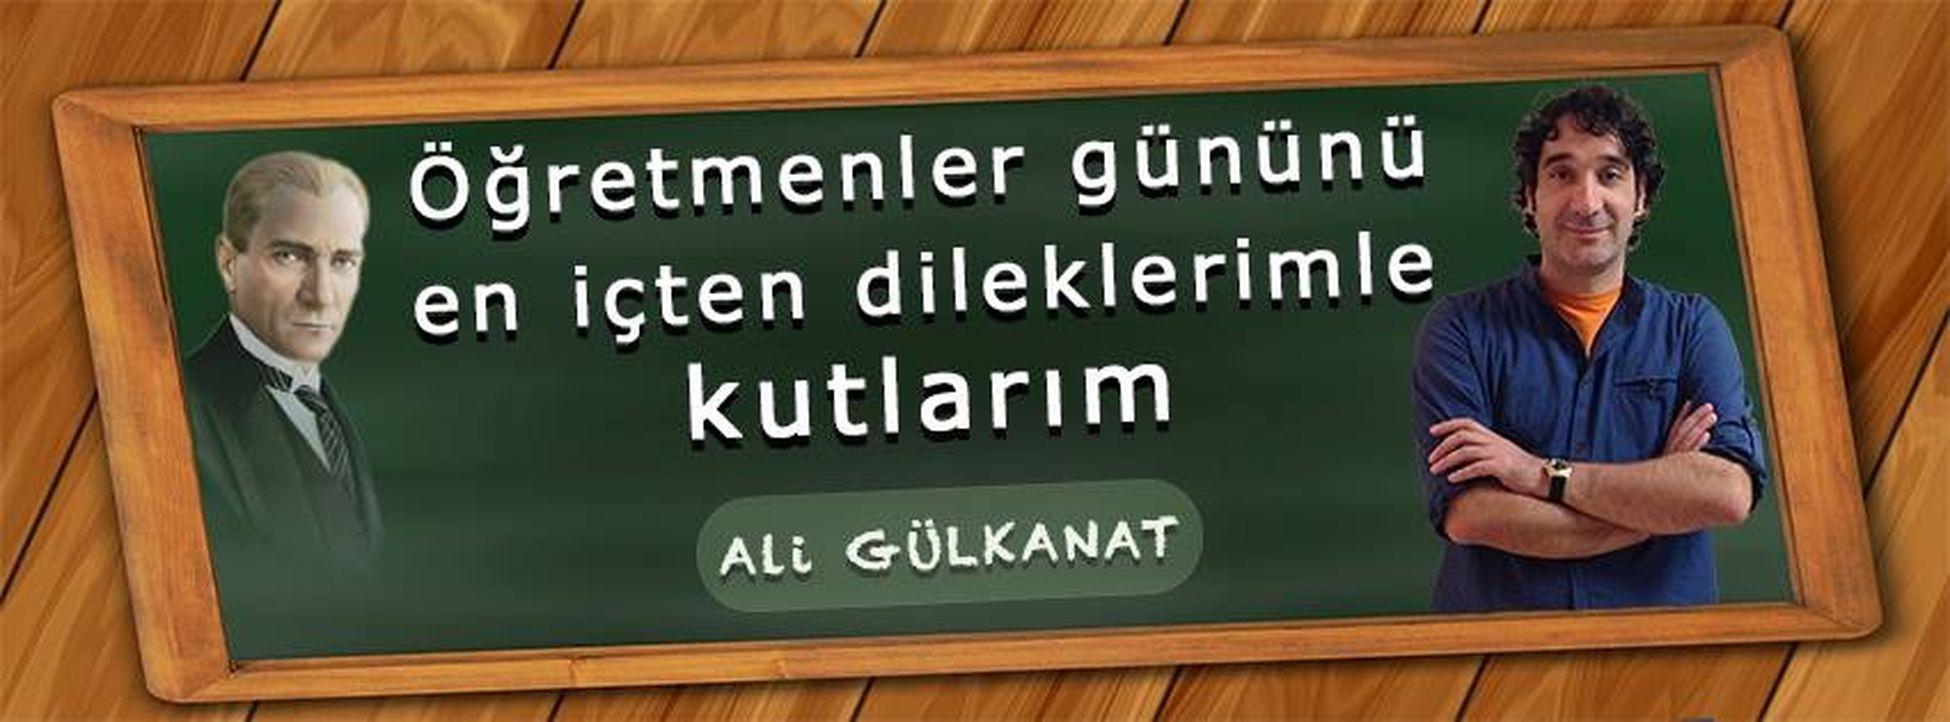 Öğretmenler gününü en içten dileklerimle kutlarım. Ali Gülkanat www.aligulkanat.com.tr Ali Gülkanat Kişisel Gelişim Atatürk 24 Kasım